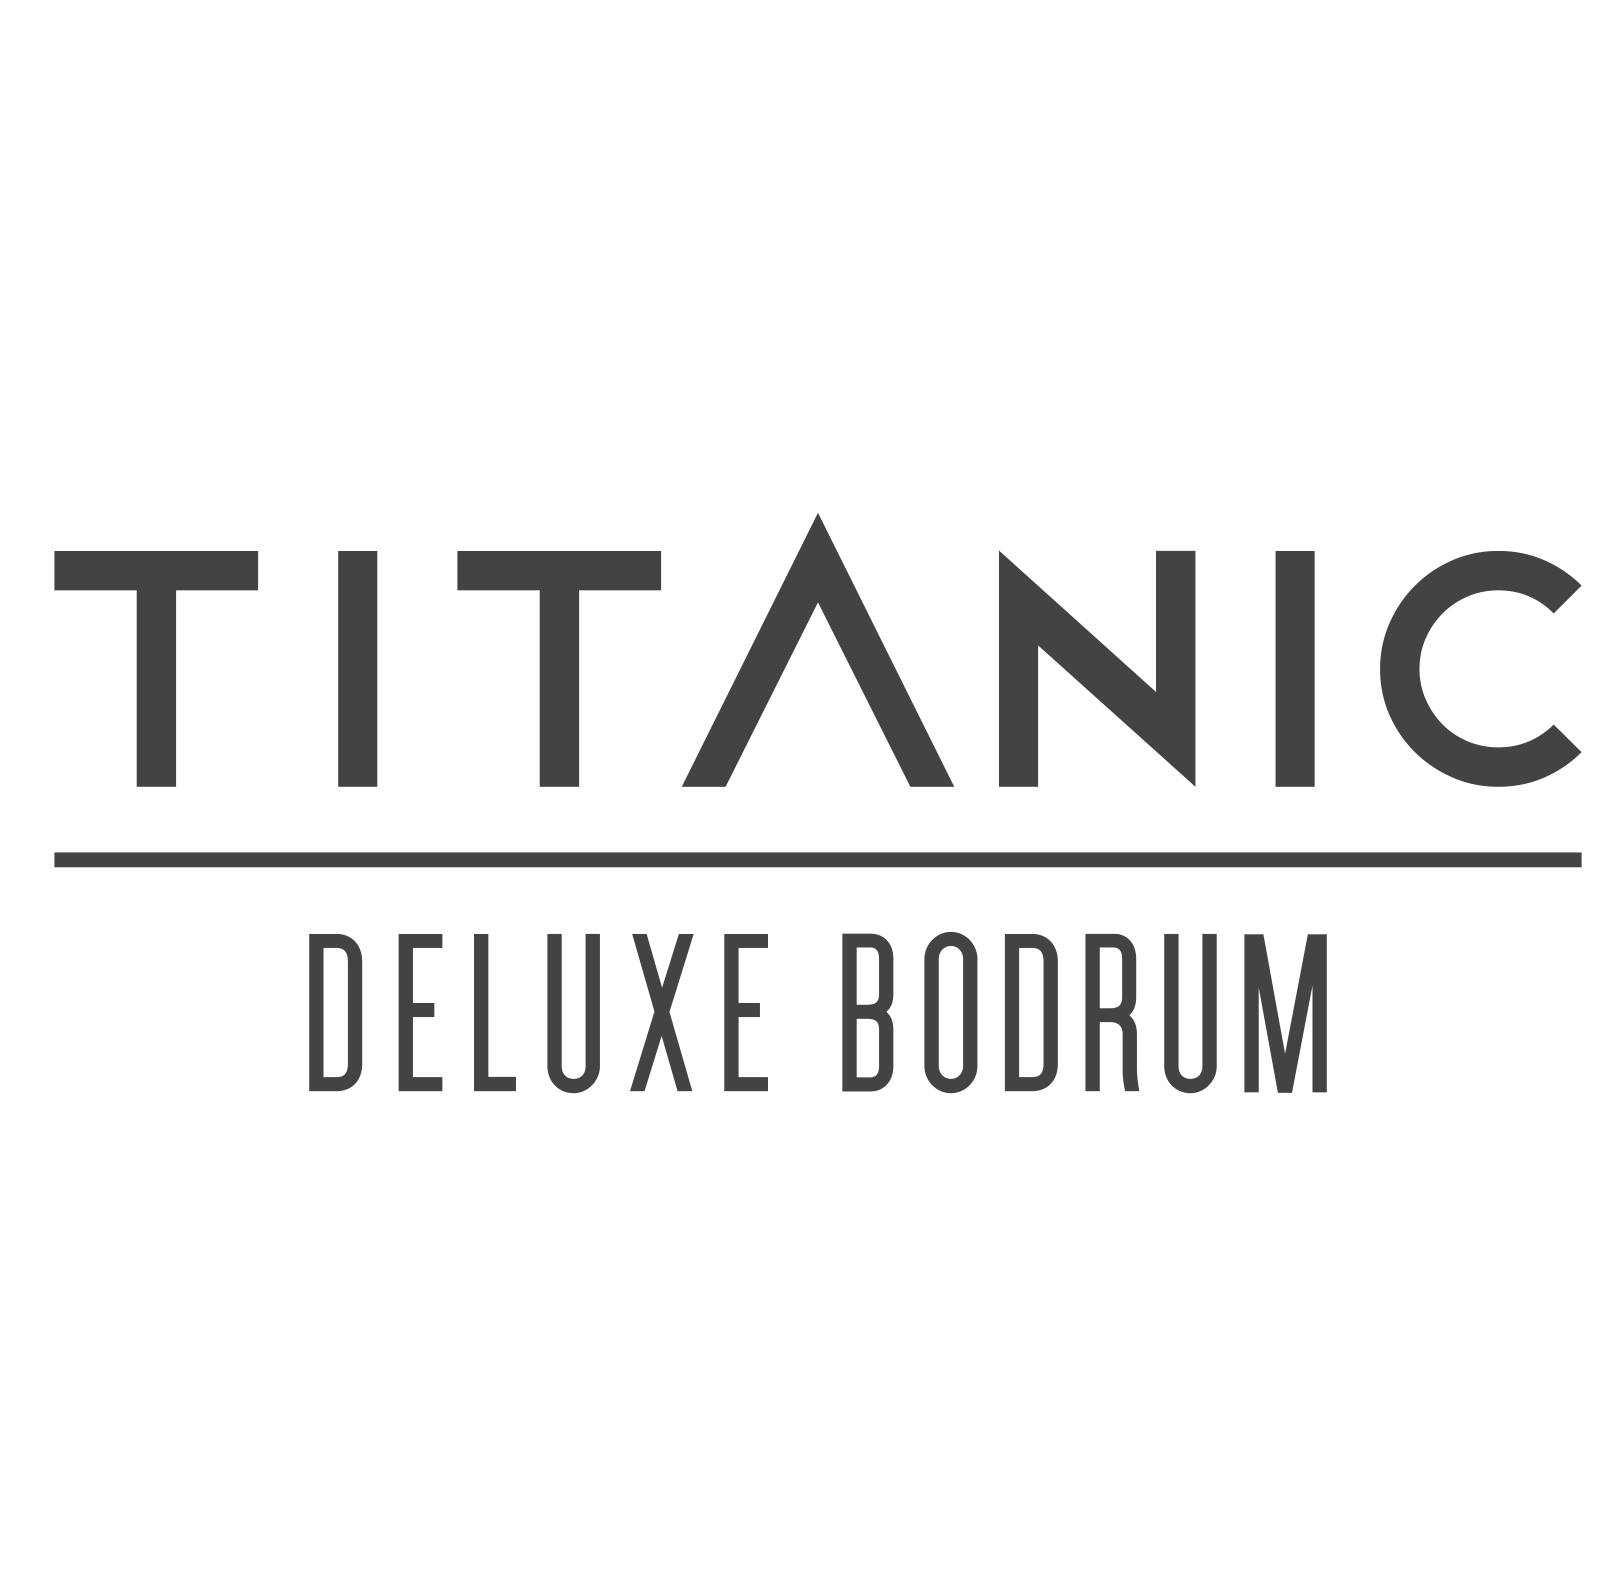 TITANIC DELUXE BODRUM